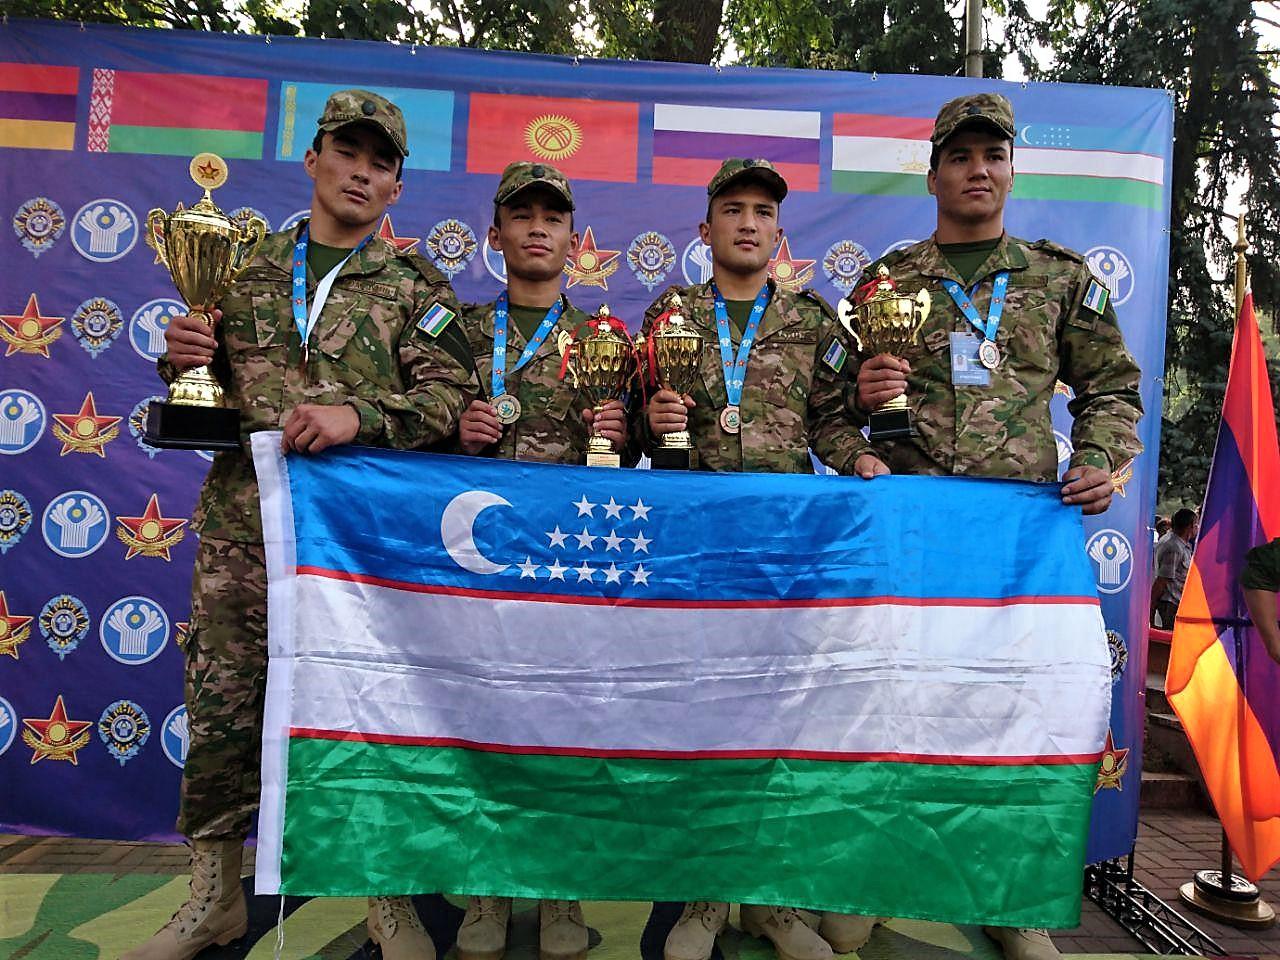 Команда курсантов Узбекистана заняла третье место на международных соревнованиях в Алматы